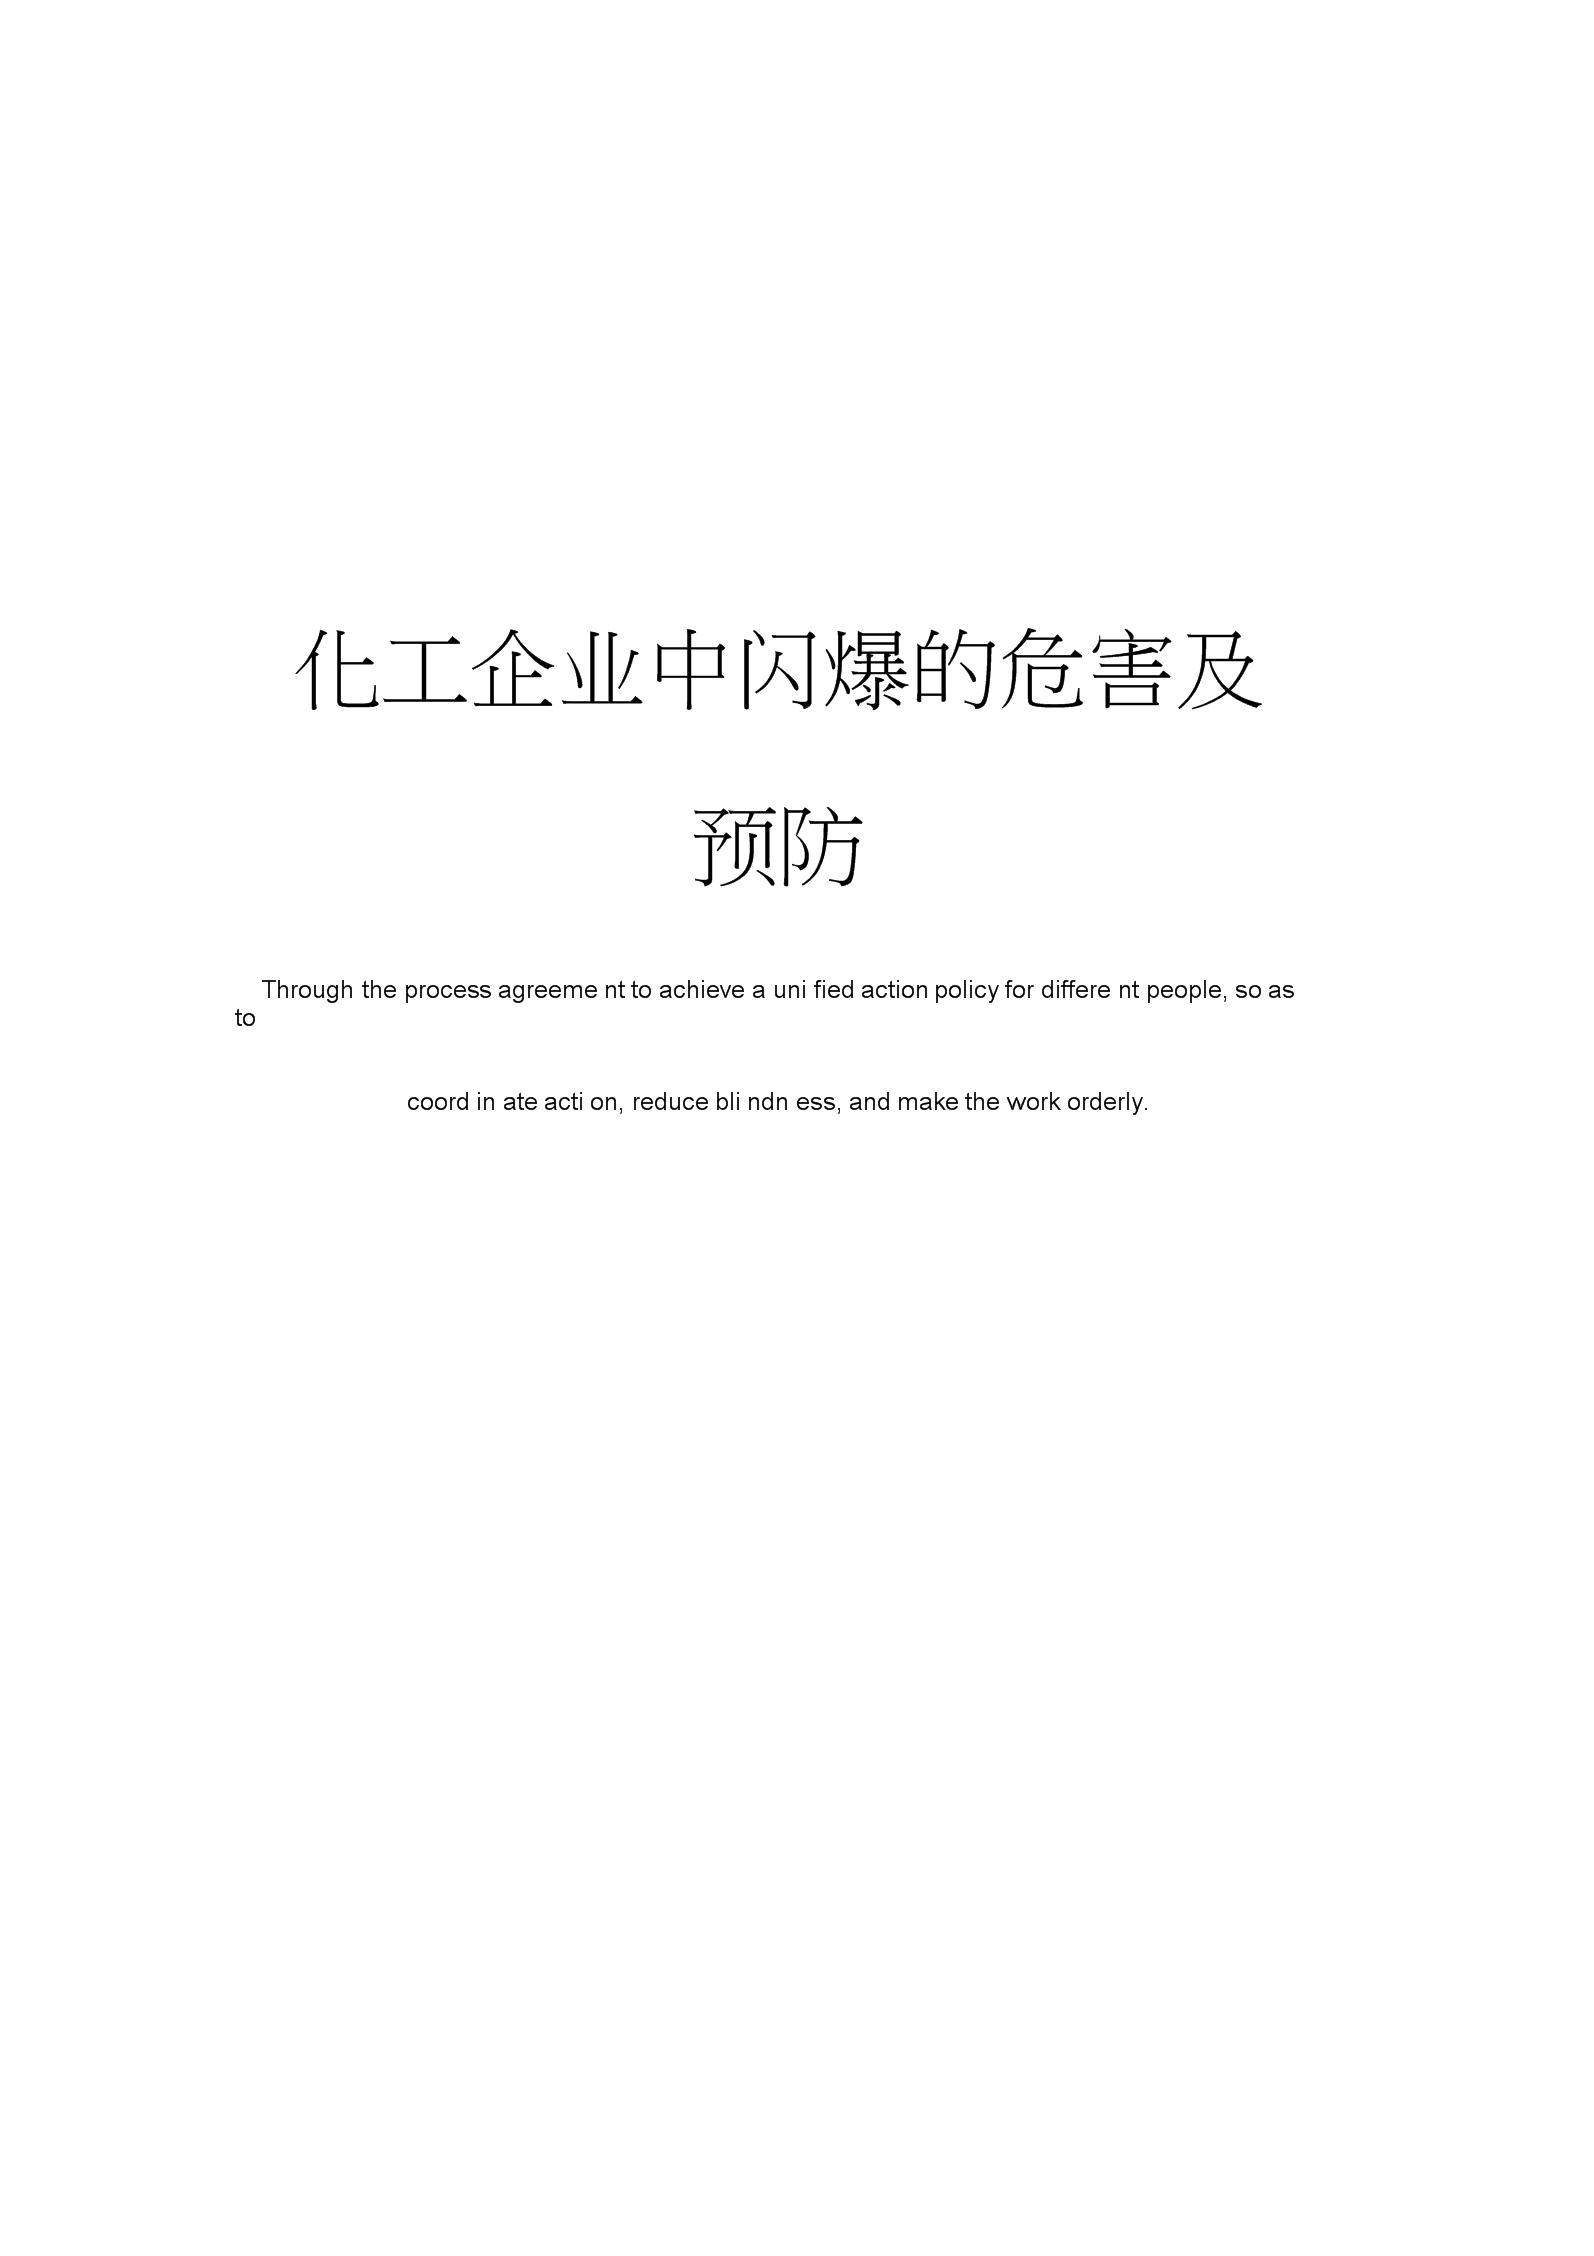 化工企业中闪爆的危害及预防.docx